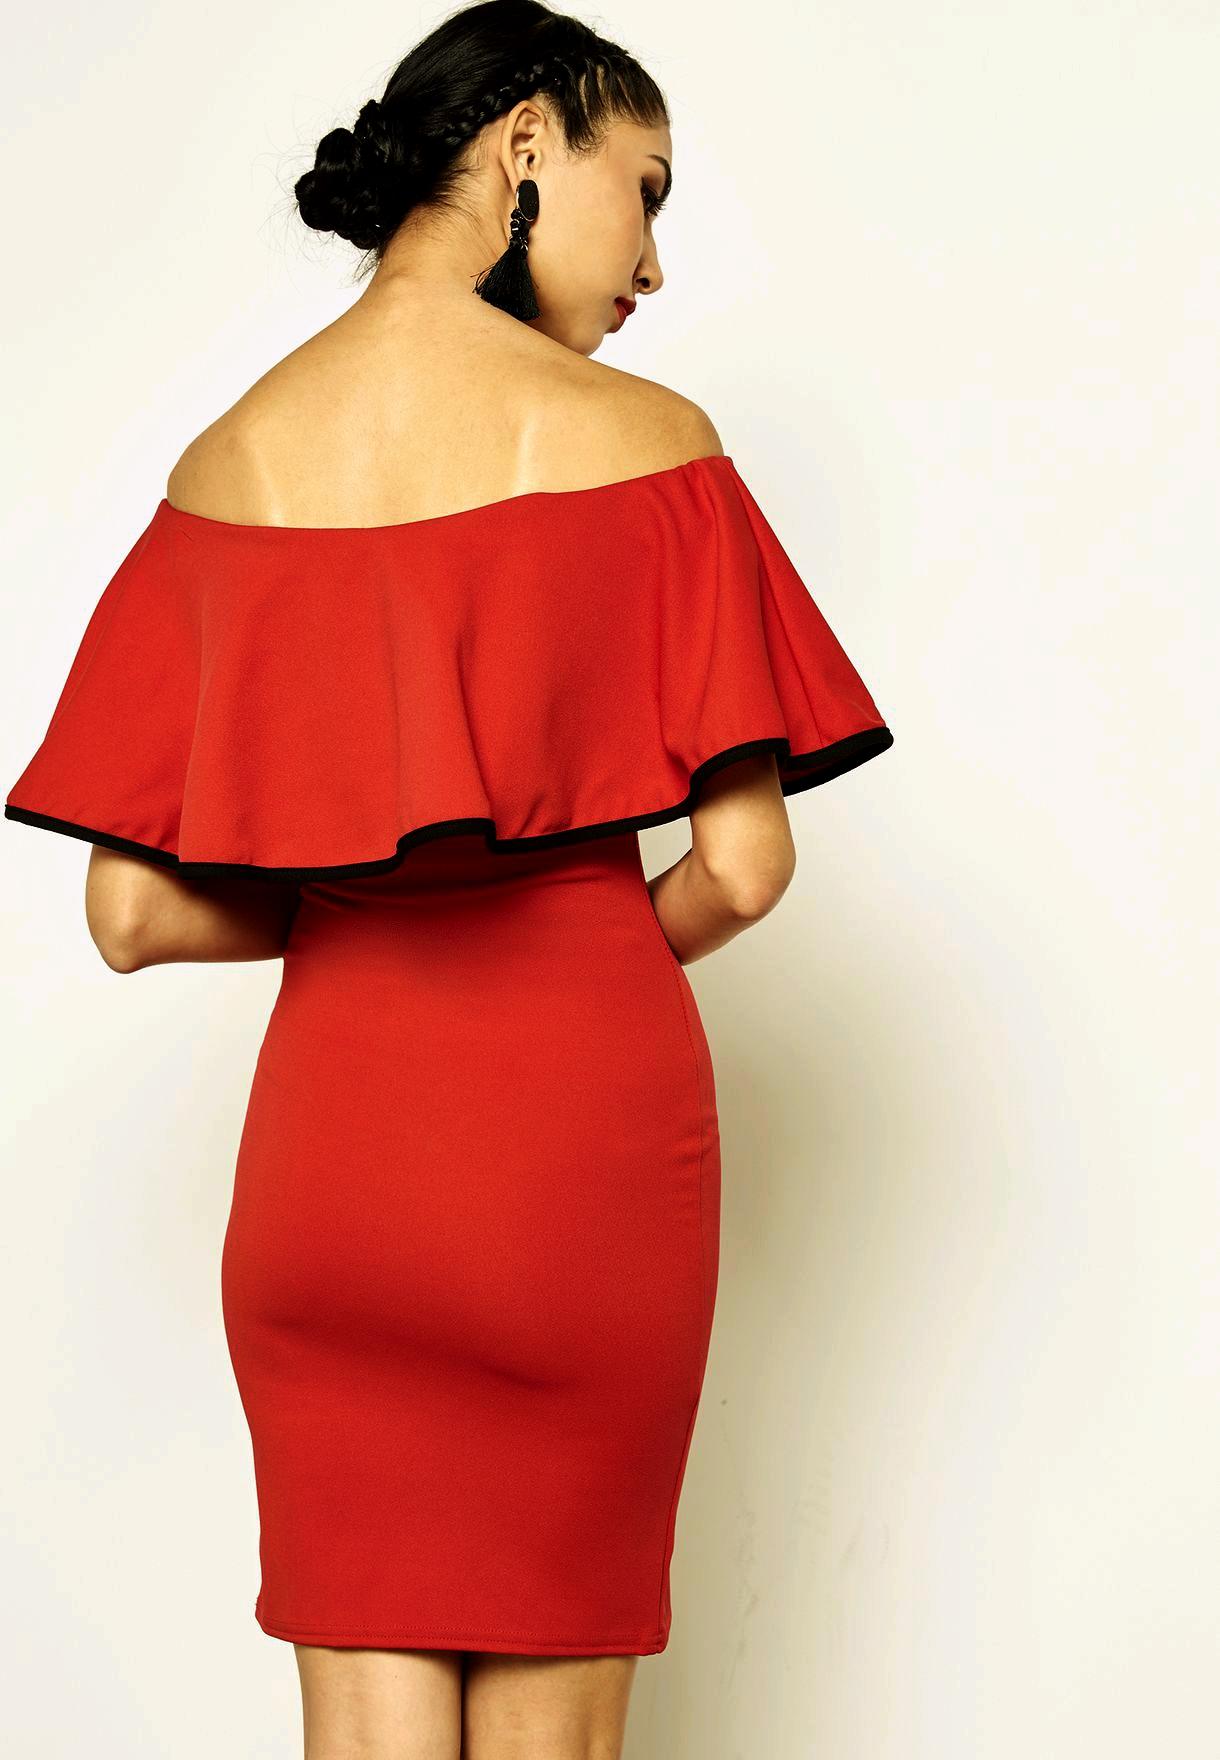 33fb792203 Quiz czerwona sukienka hiszpanka XL - 7689921864 - oficjalne ...